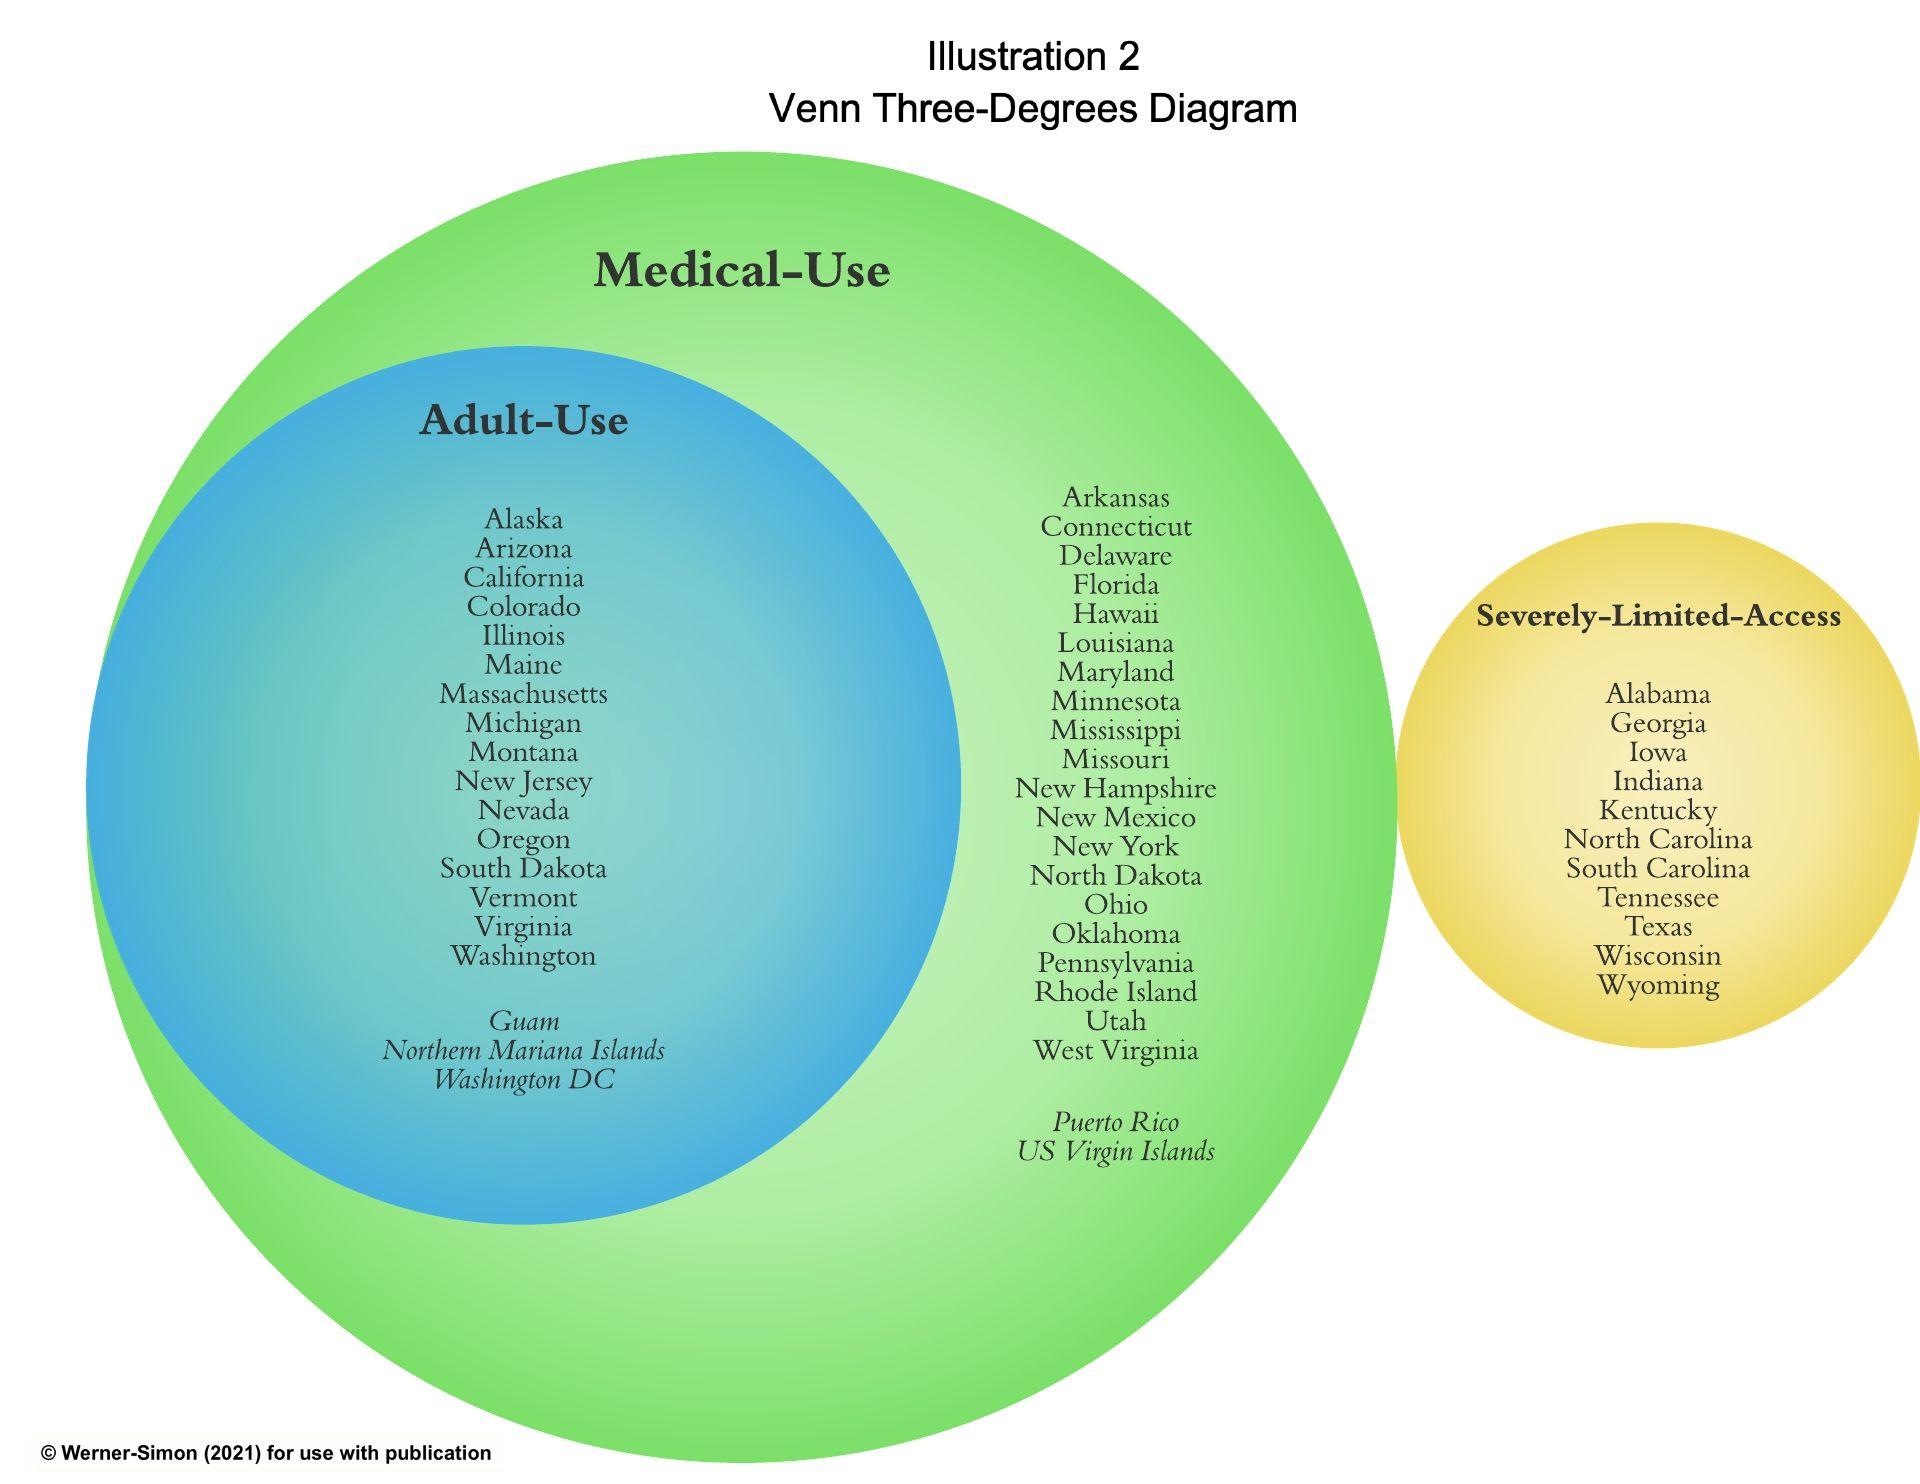 marijuana legalization, The three degrees of marijuana legalization in the United States